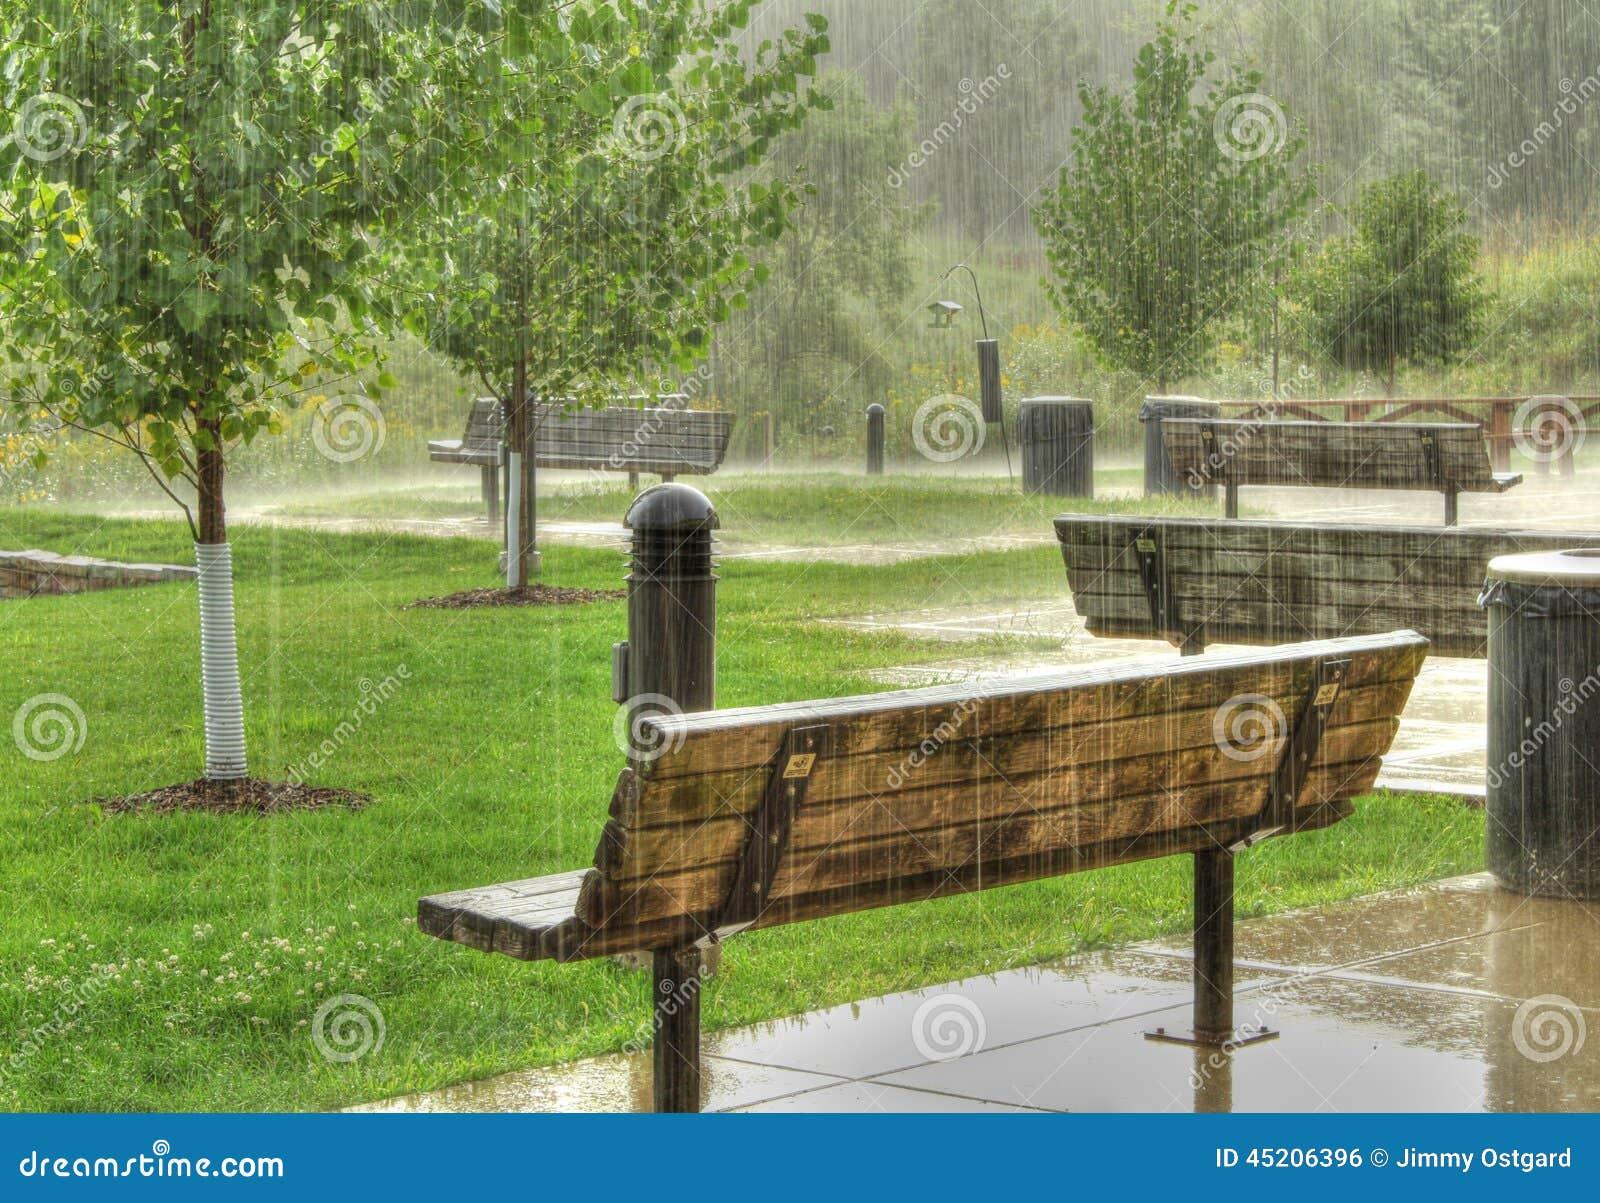 几张公园长椅在与树的一个雨天在场面.图片